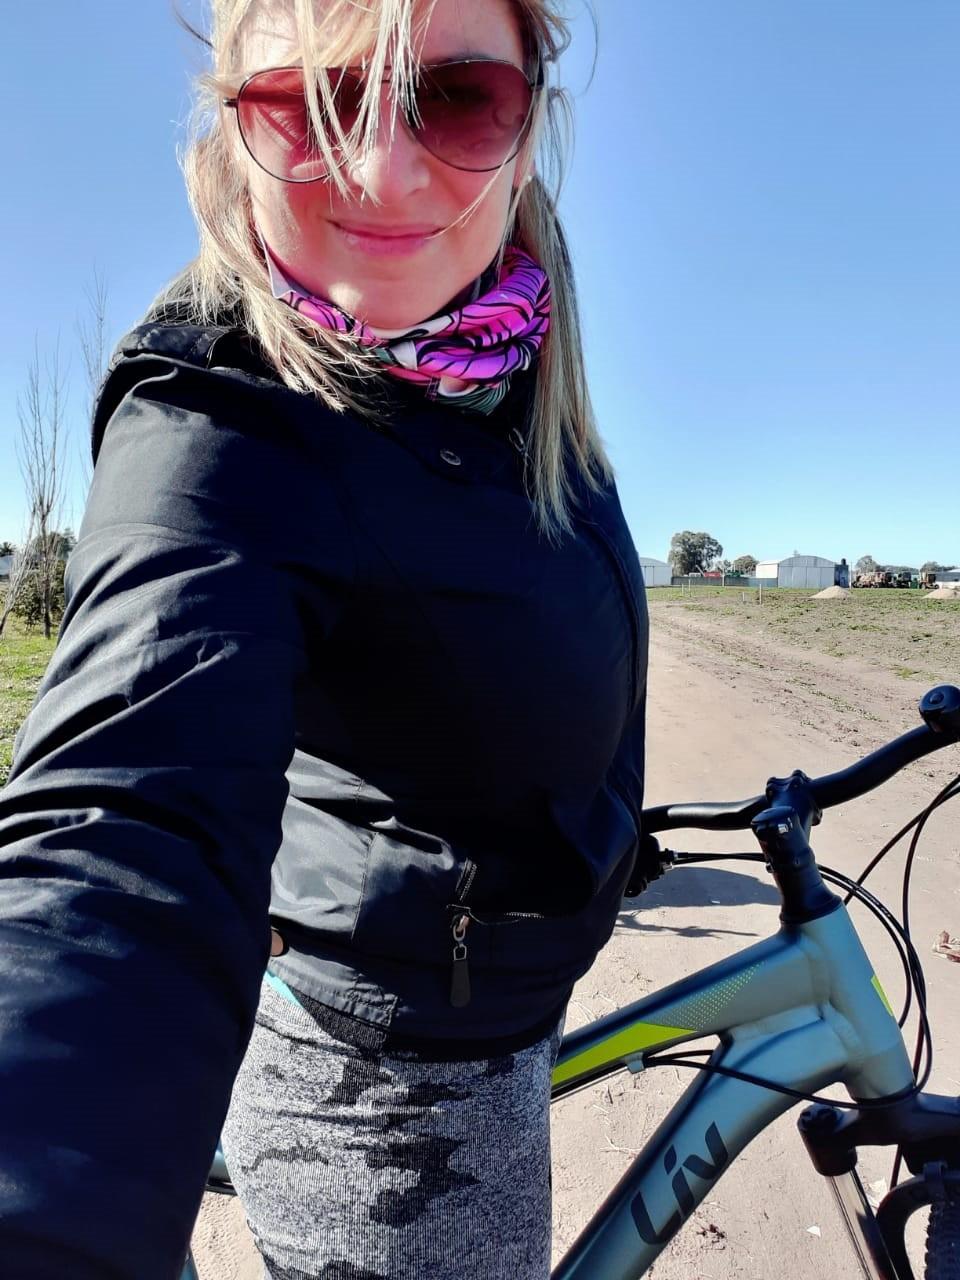 """Verónica Novillo: """"Me compré la bici como recreación y después me entusiasmé hasta llegar a competir"""""""